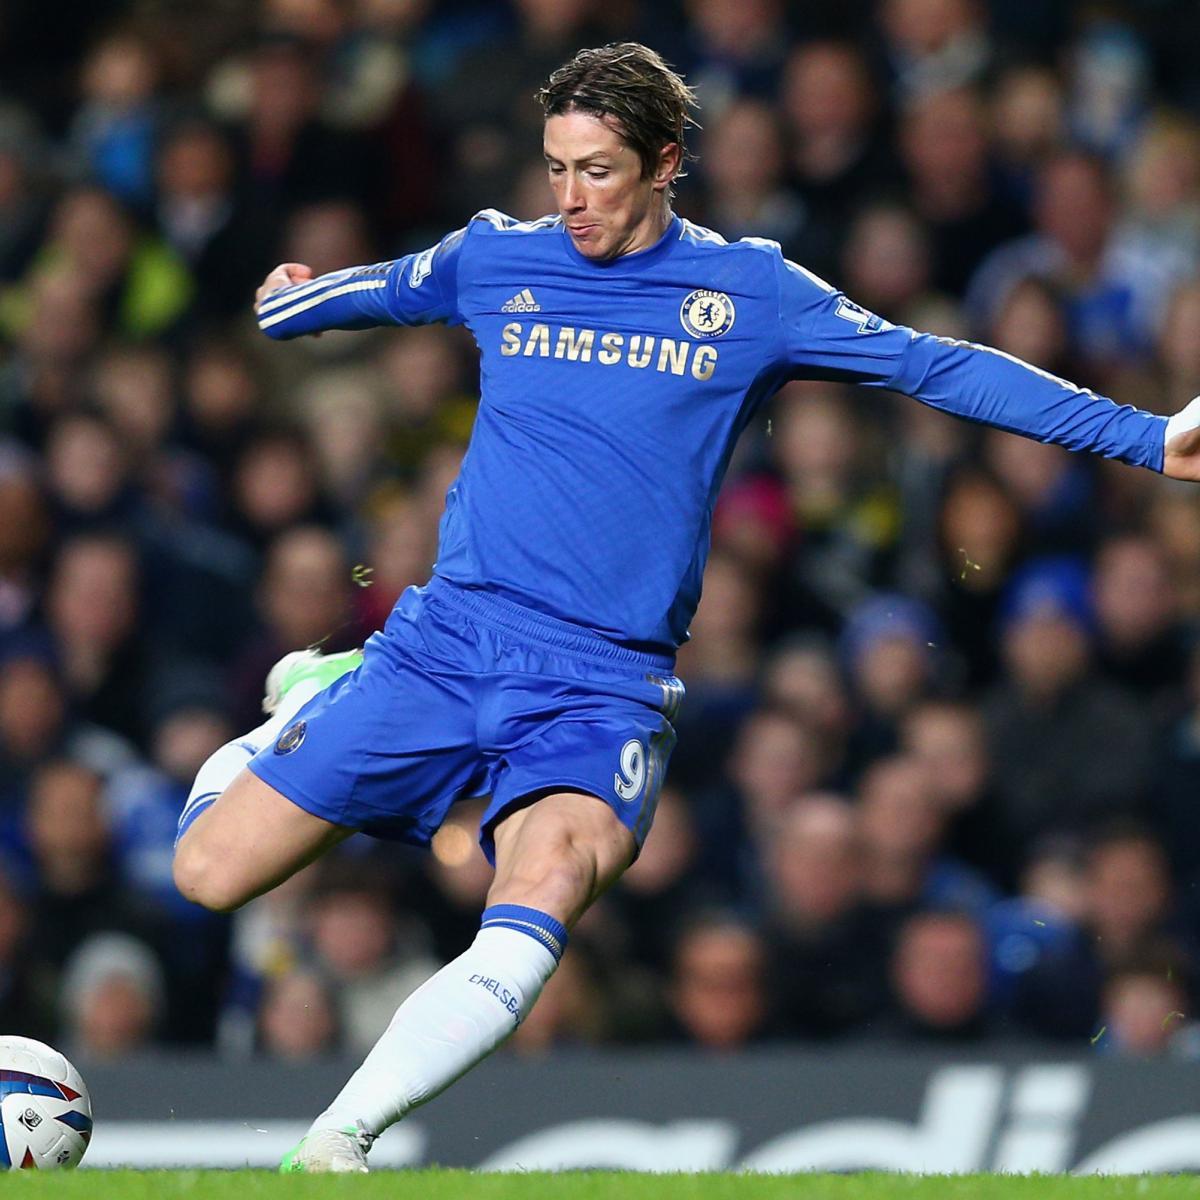 Fernando José Torres Sanz ur 20 marca 1984 w Fuenlabrada hiszpański piłkarz występujący na pozycji napastnika w japońskim klubie Sagan Tosu oraz w